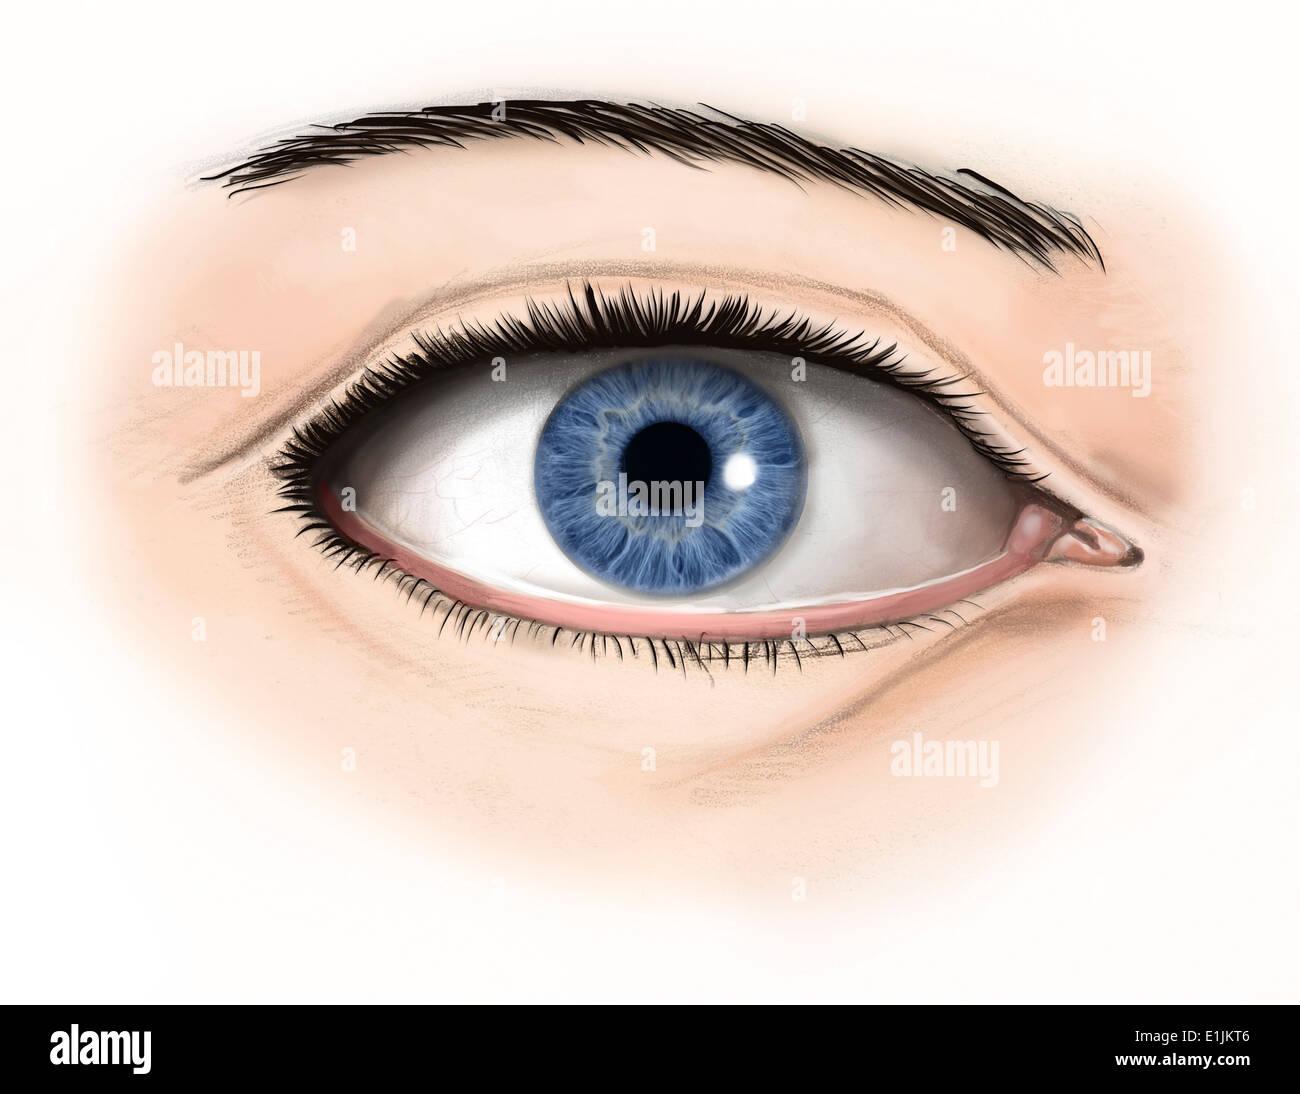 Äußere Anatomie des menschlichen Auges Stockfoto, Bild: 69866838 - Alamy